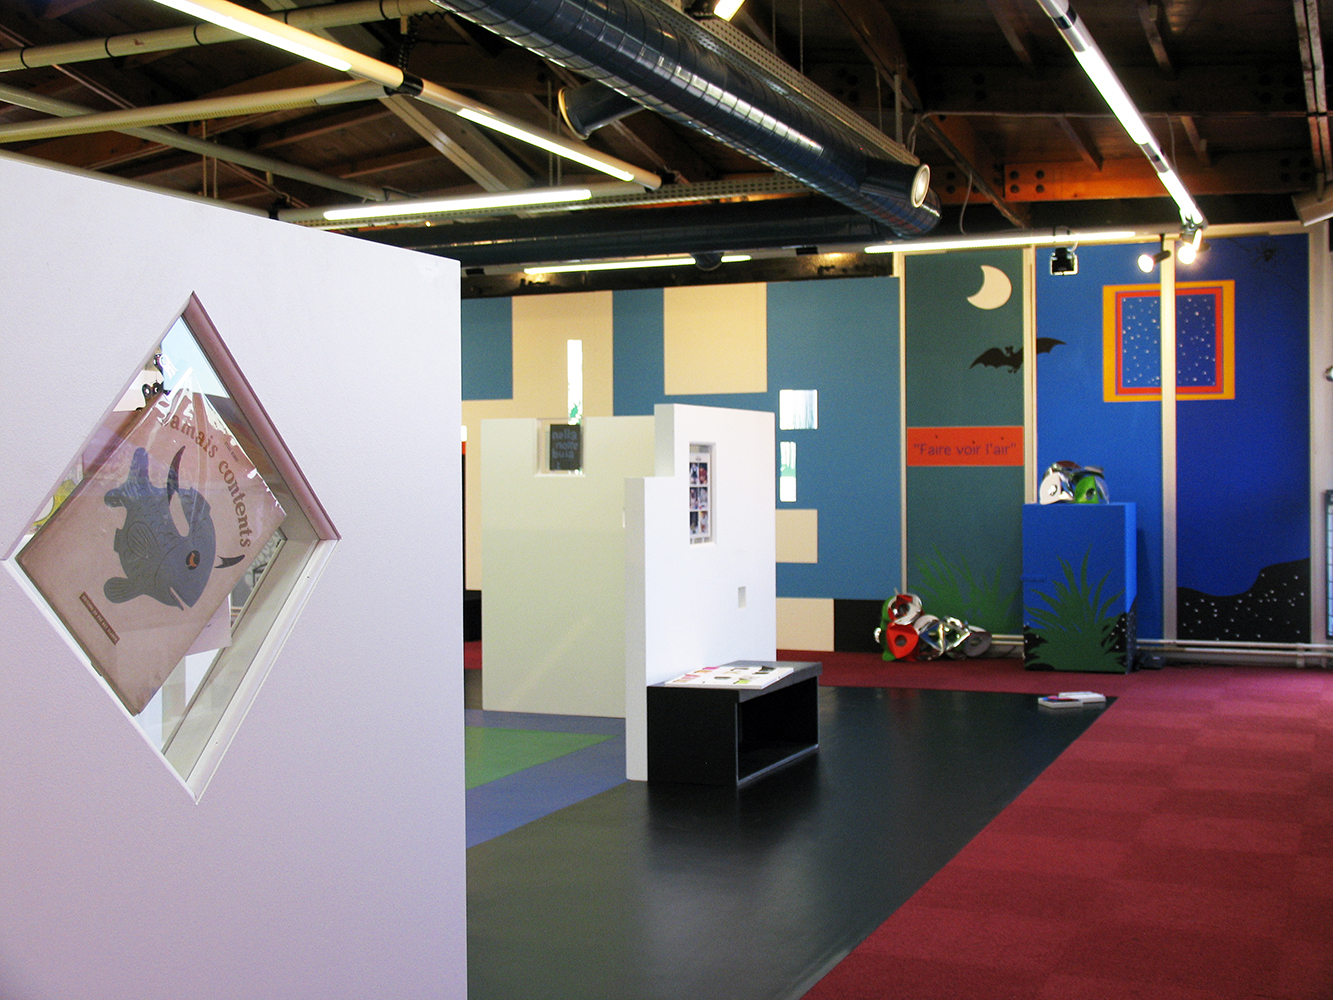 13 octobre 2007 - inauguration de l'exposition ABC D'AIR une retrospective de Bruno Munari à la bibliothèque de Pantin dans le cadre du salon du livre de Montreuil